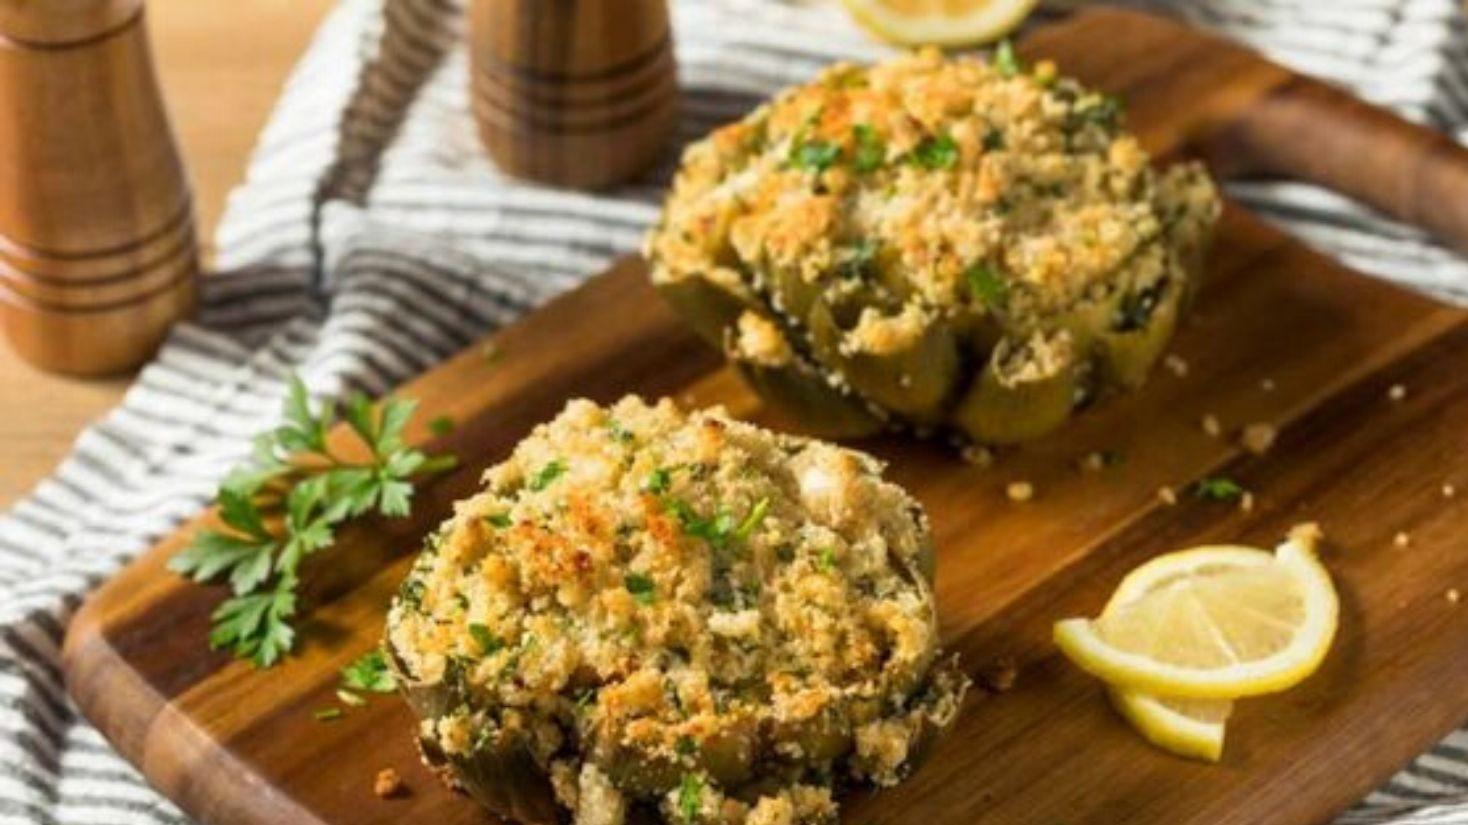 Carciofi ripieni al forno con patate